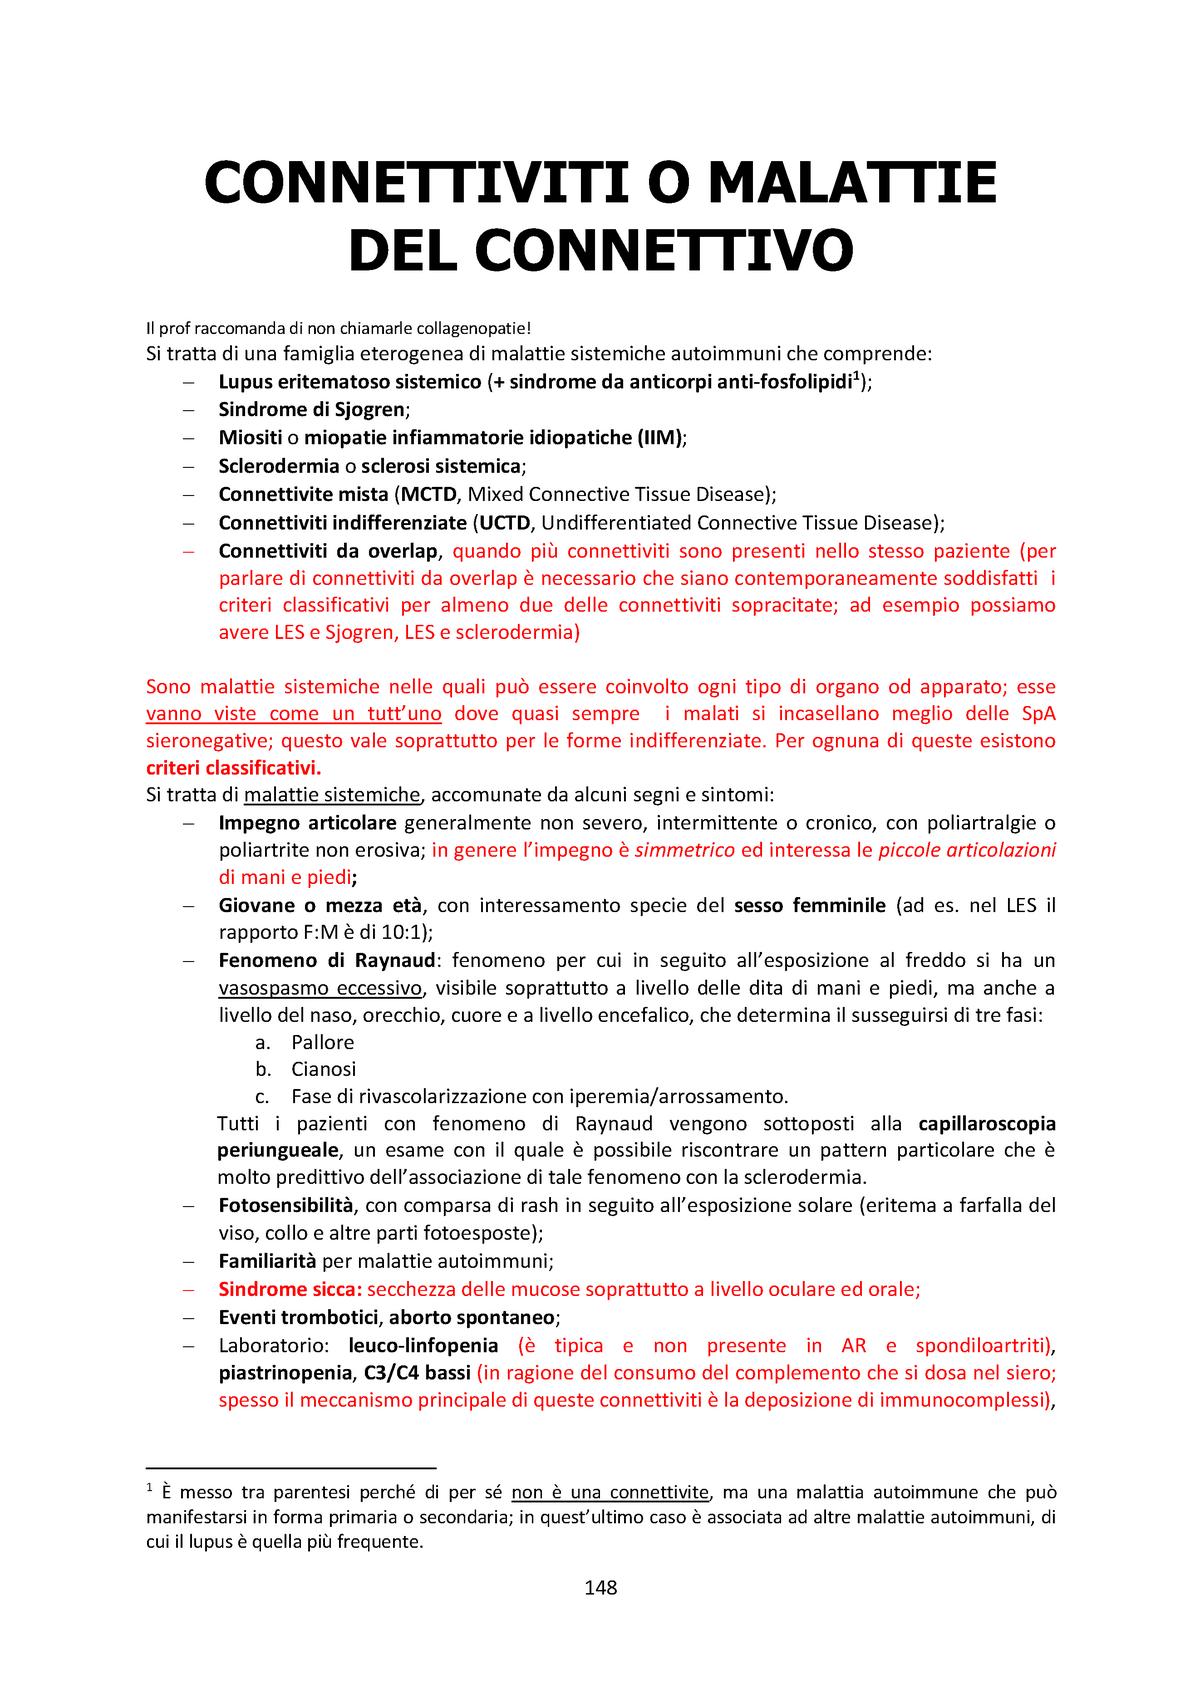 CONNETTIVITI O MALATTIE DEL CONNETTIVO - REUMATOLOGIA D0402